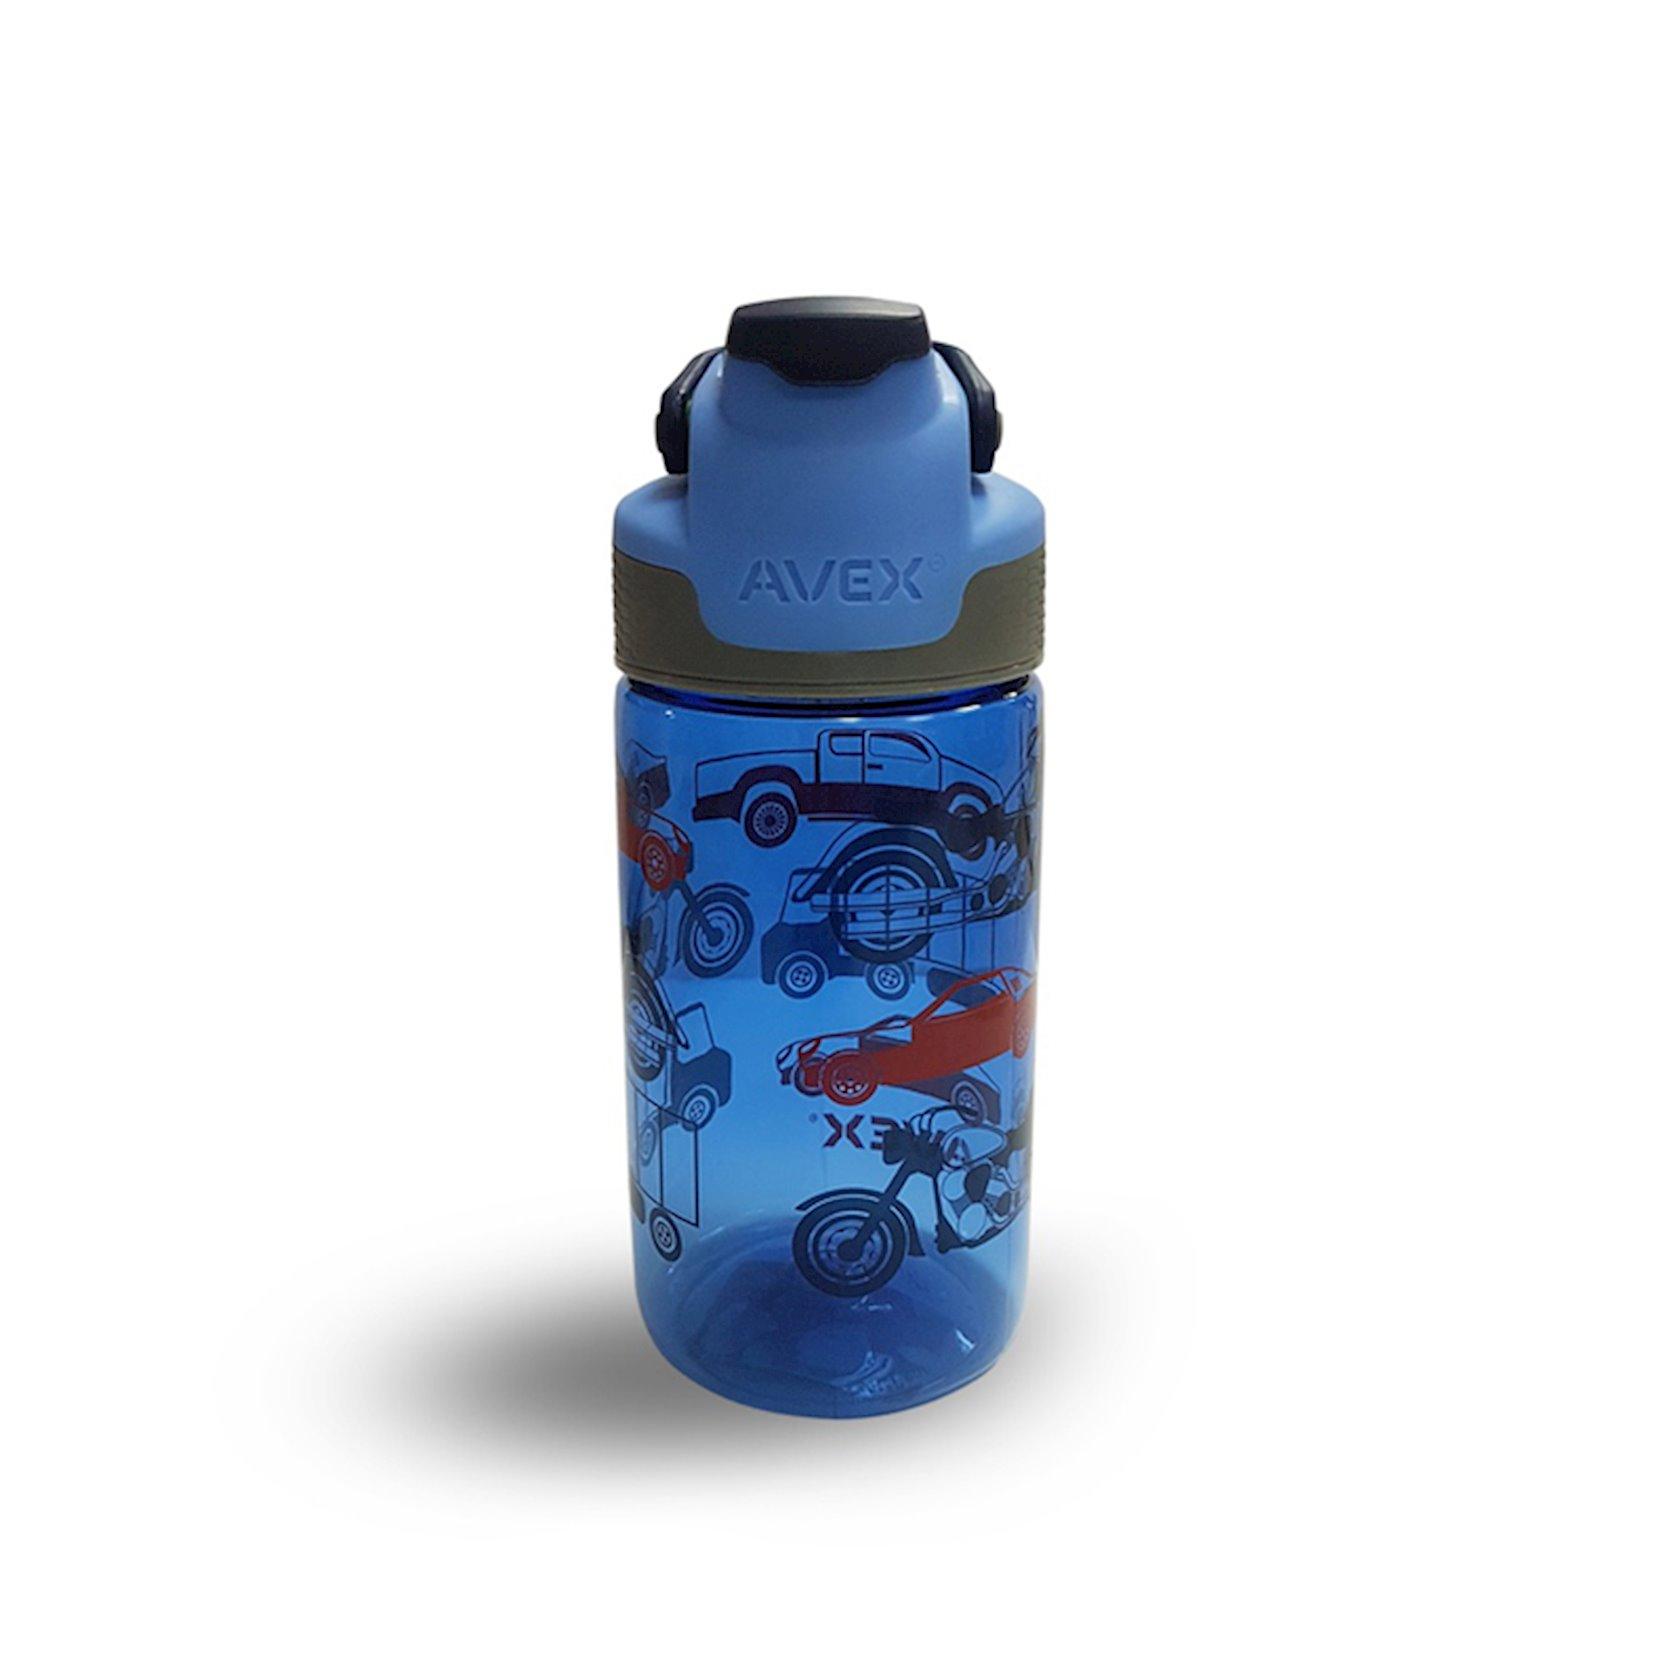 Butulka Avex Plastic Freeride Azure Zoom Water Bottle, 473 ml, Mavi